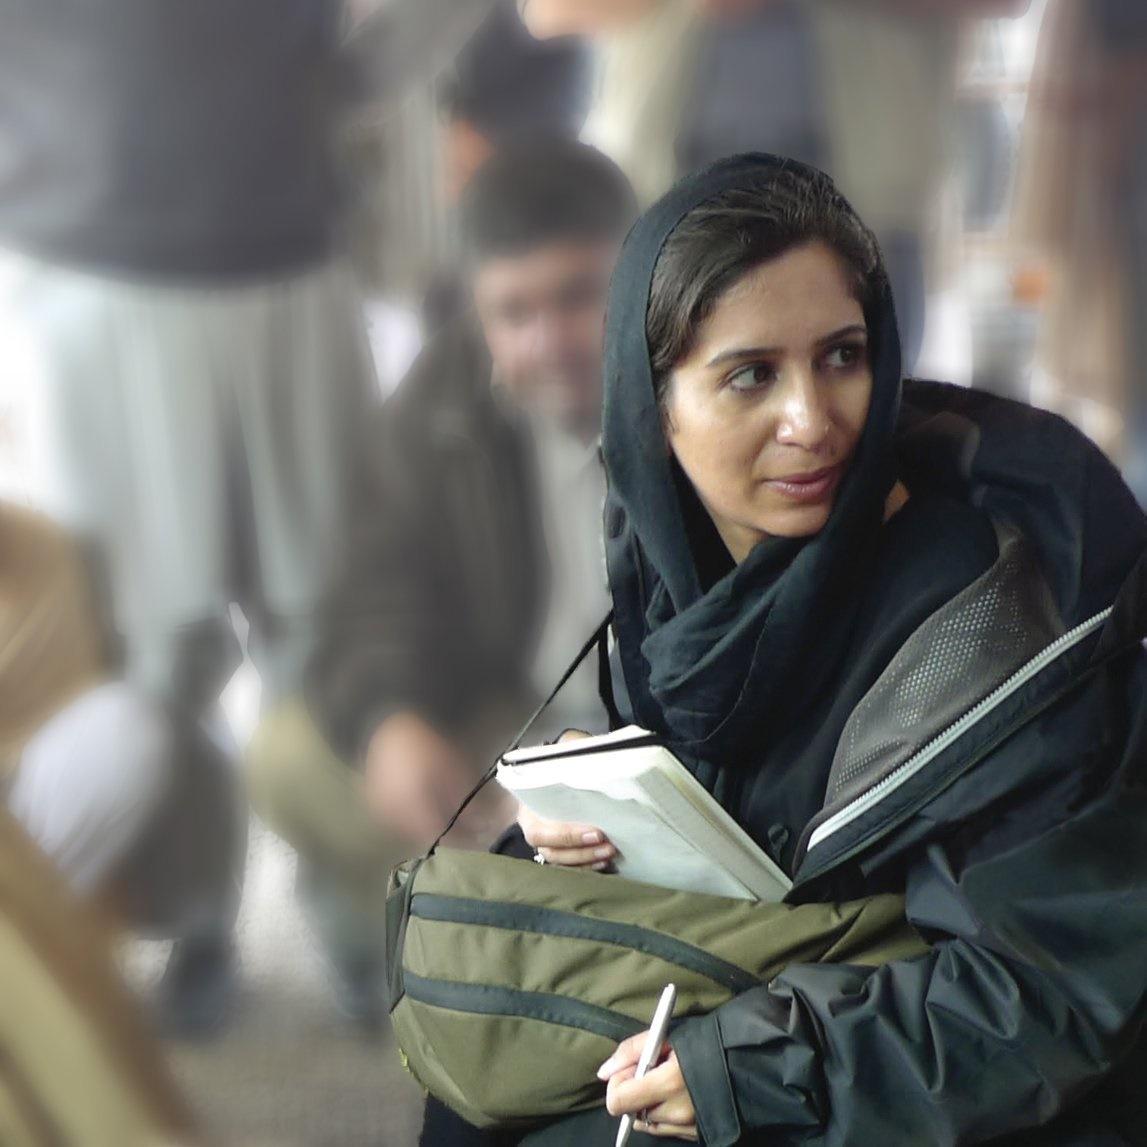 روایت اولینزن روزنامهنگاری که با فرمانده داعش مصاحبه کرد